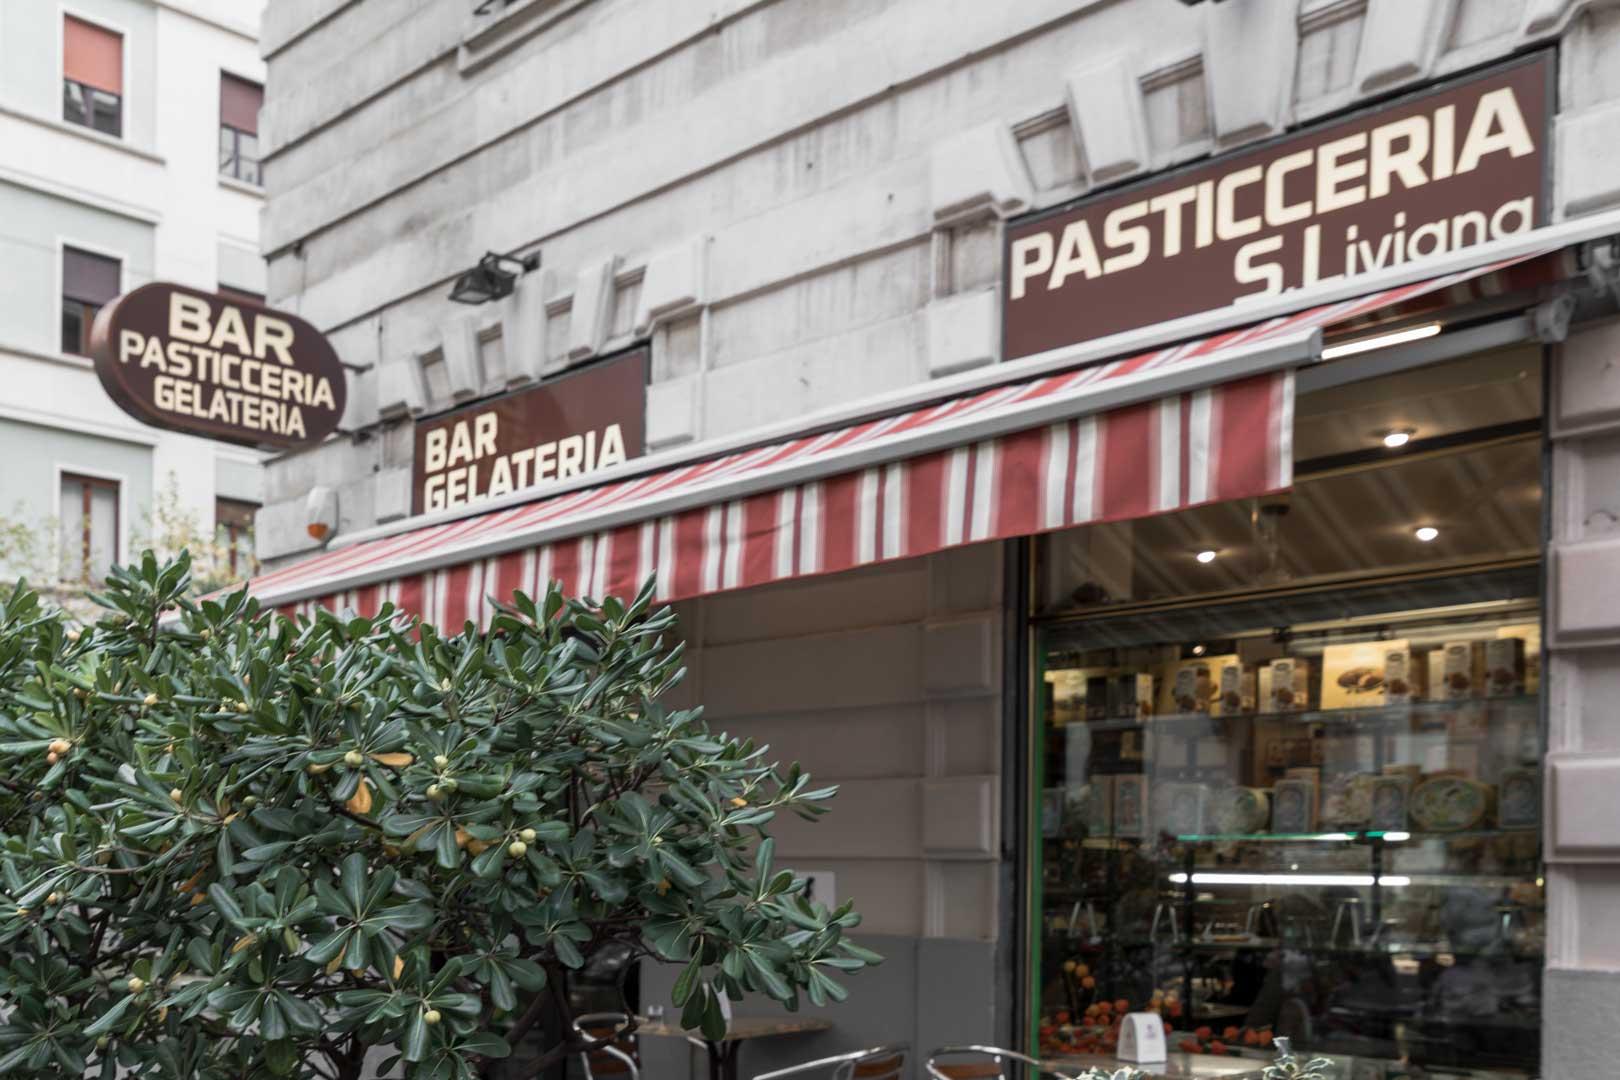 Bar Pasticceria S. Liviana